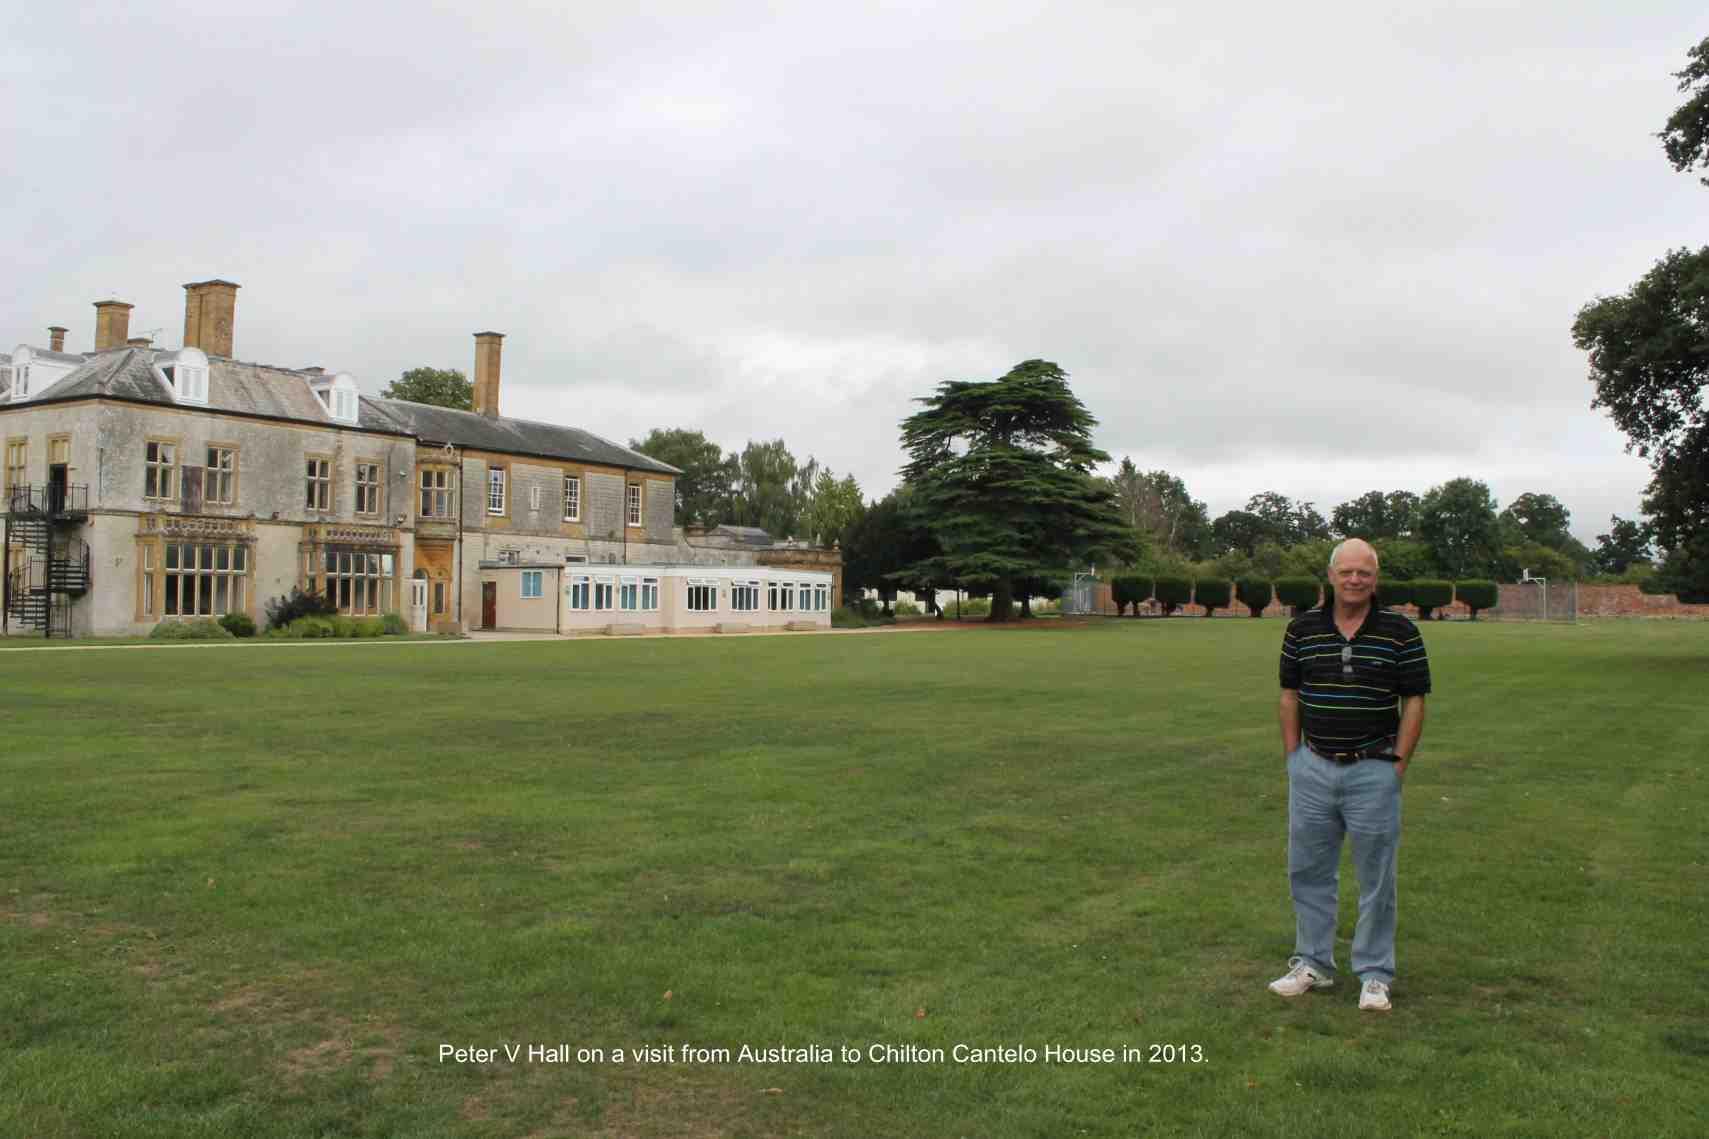 Peter V Hall – Chilton Cantelo